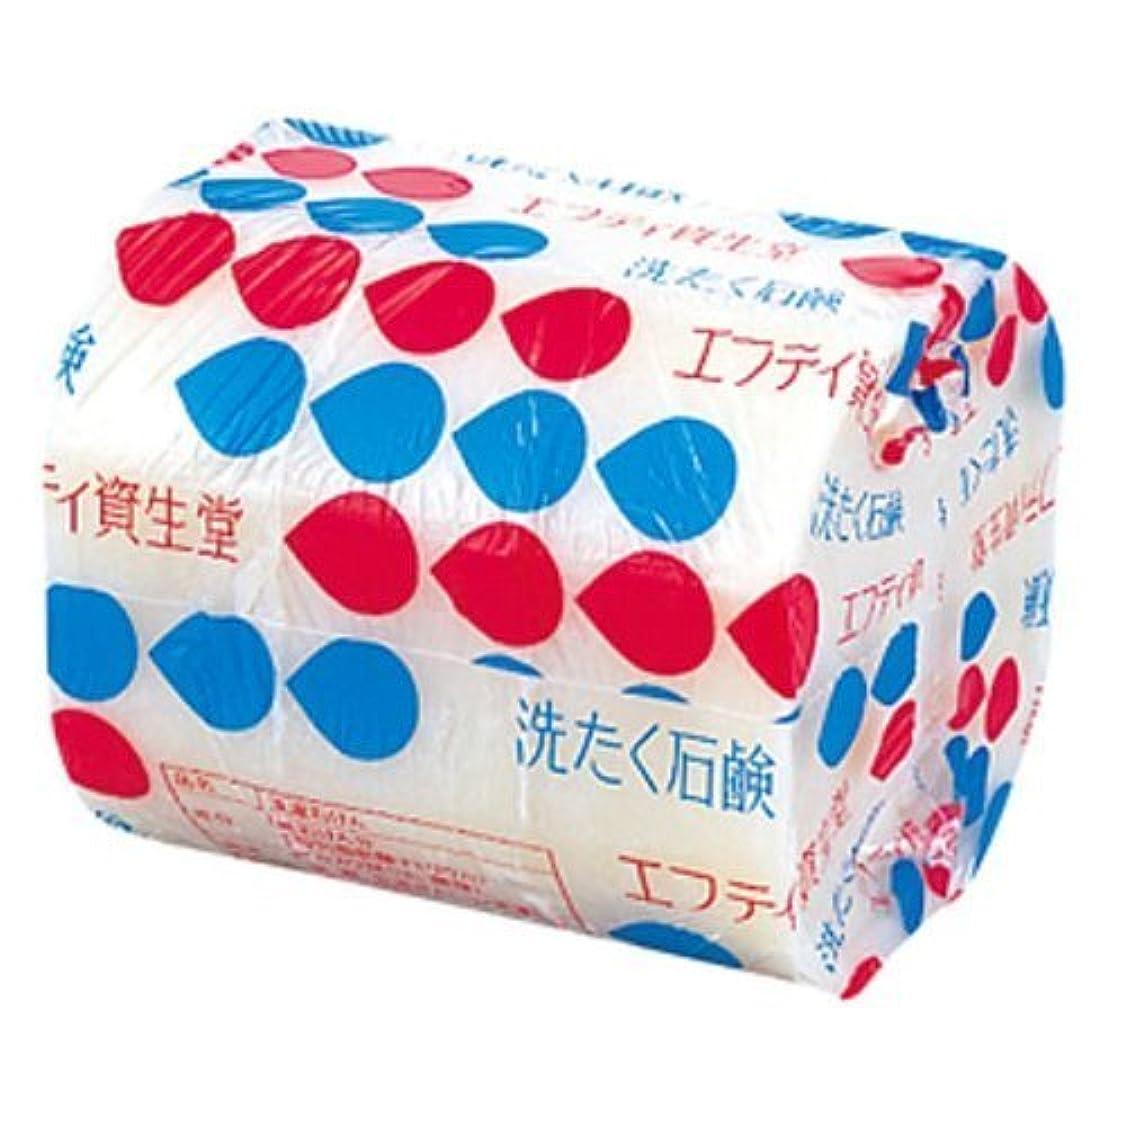 現実的外側シリング【資生堂】エフティ資生堂洗たく石鹸花椿型3コパック200g